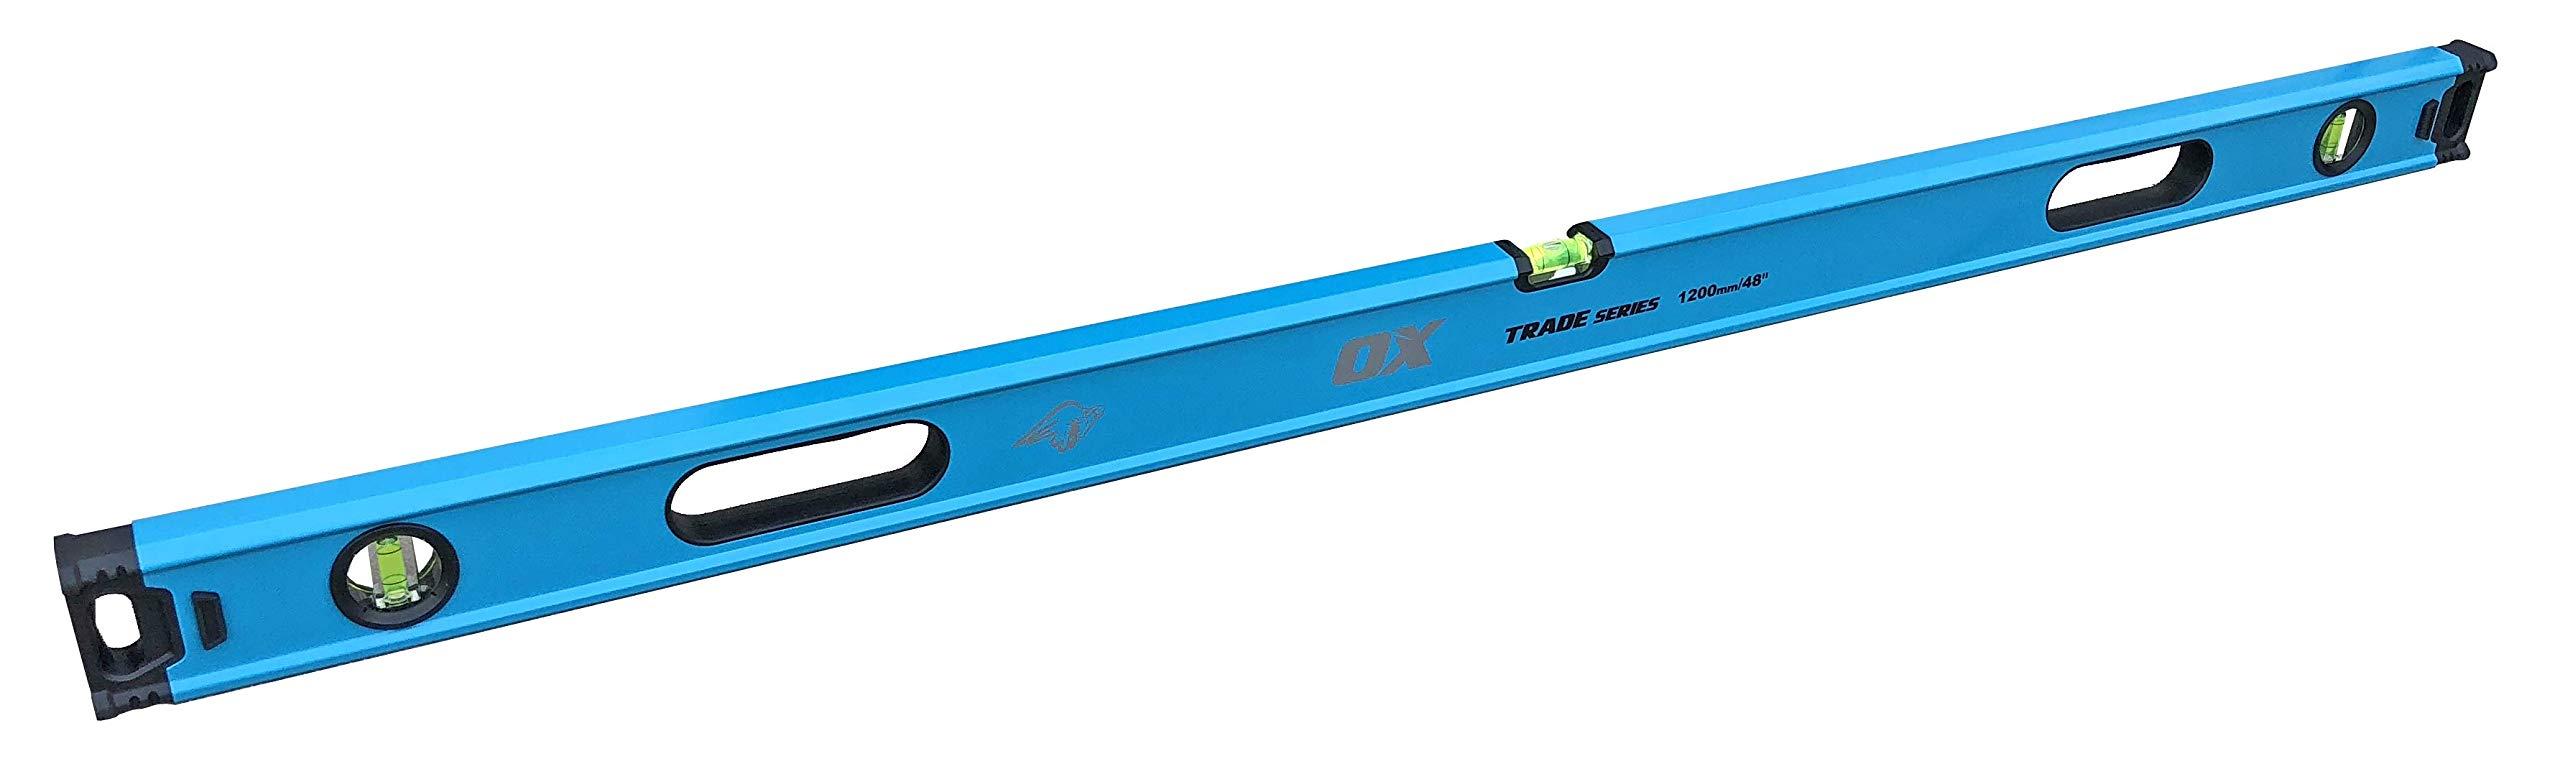 OX Tools Tradesman Box Level 48''/120 cm Magnified Vials